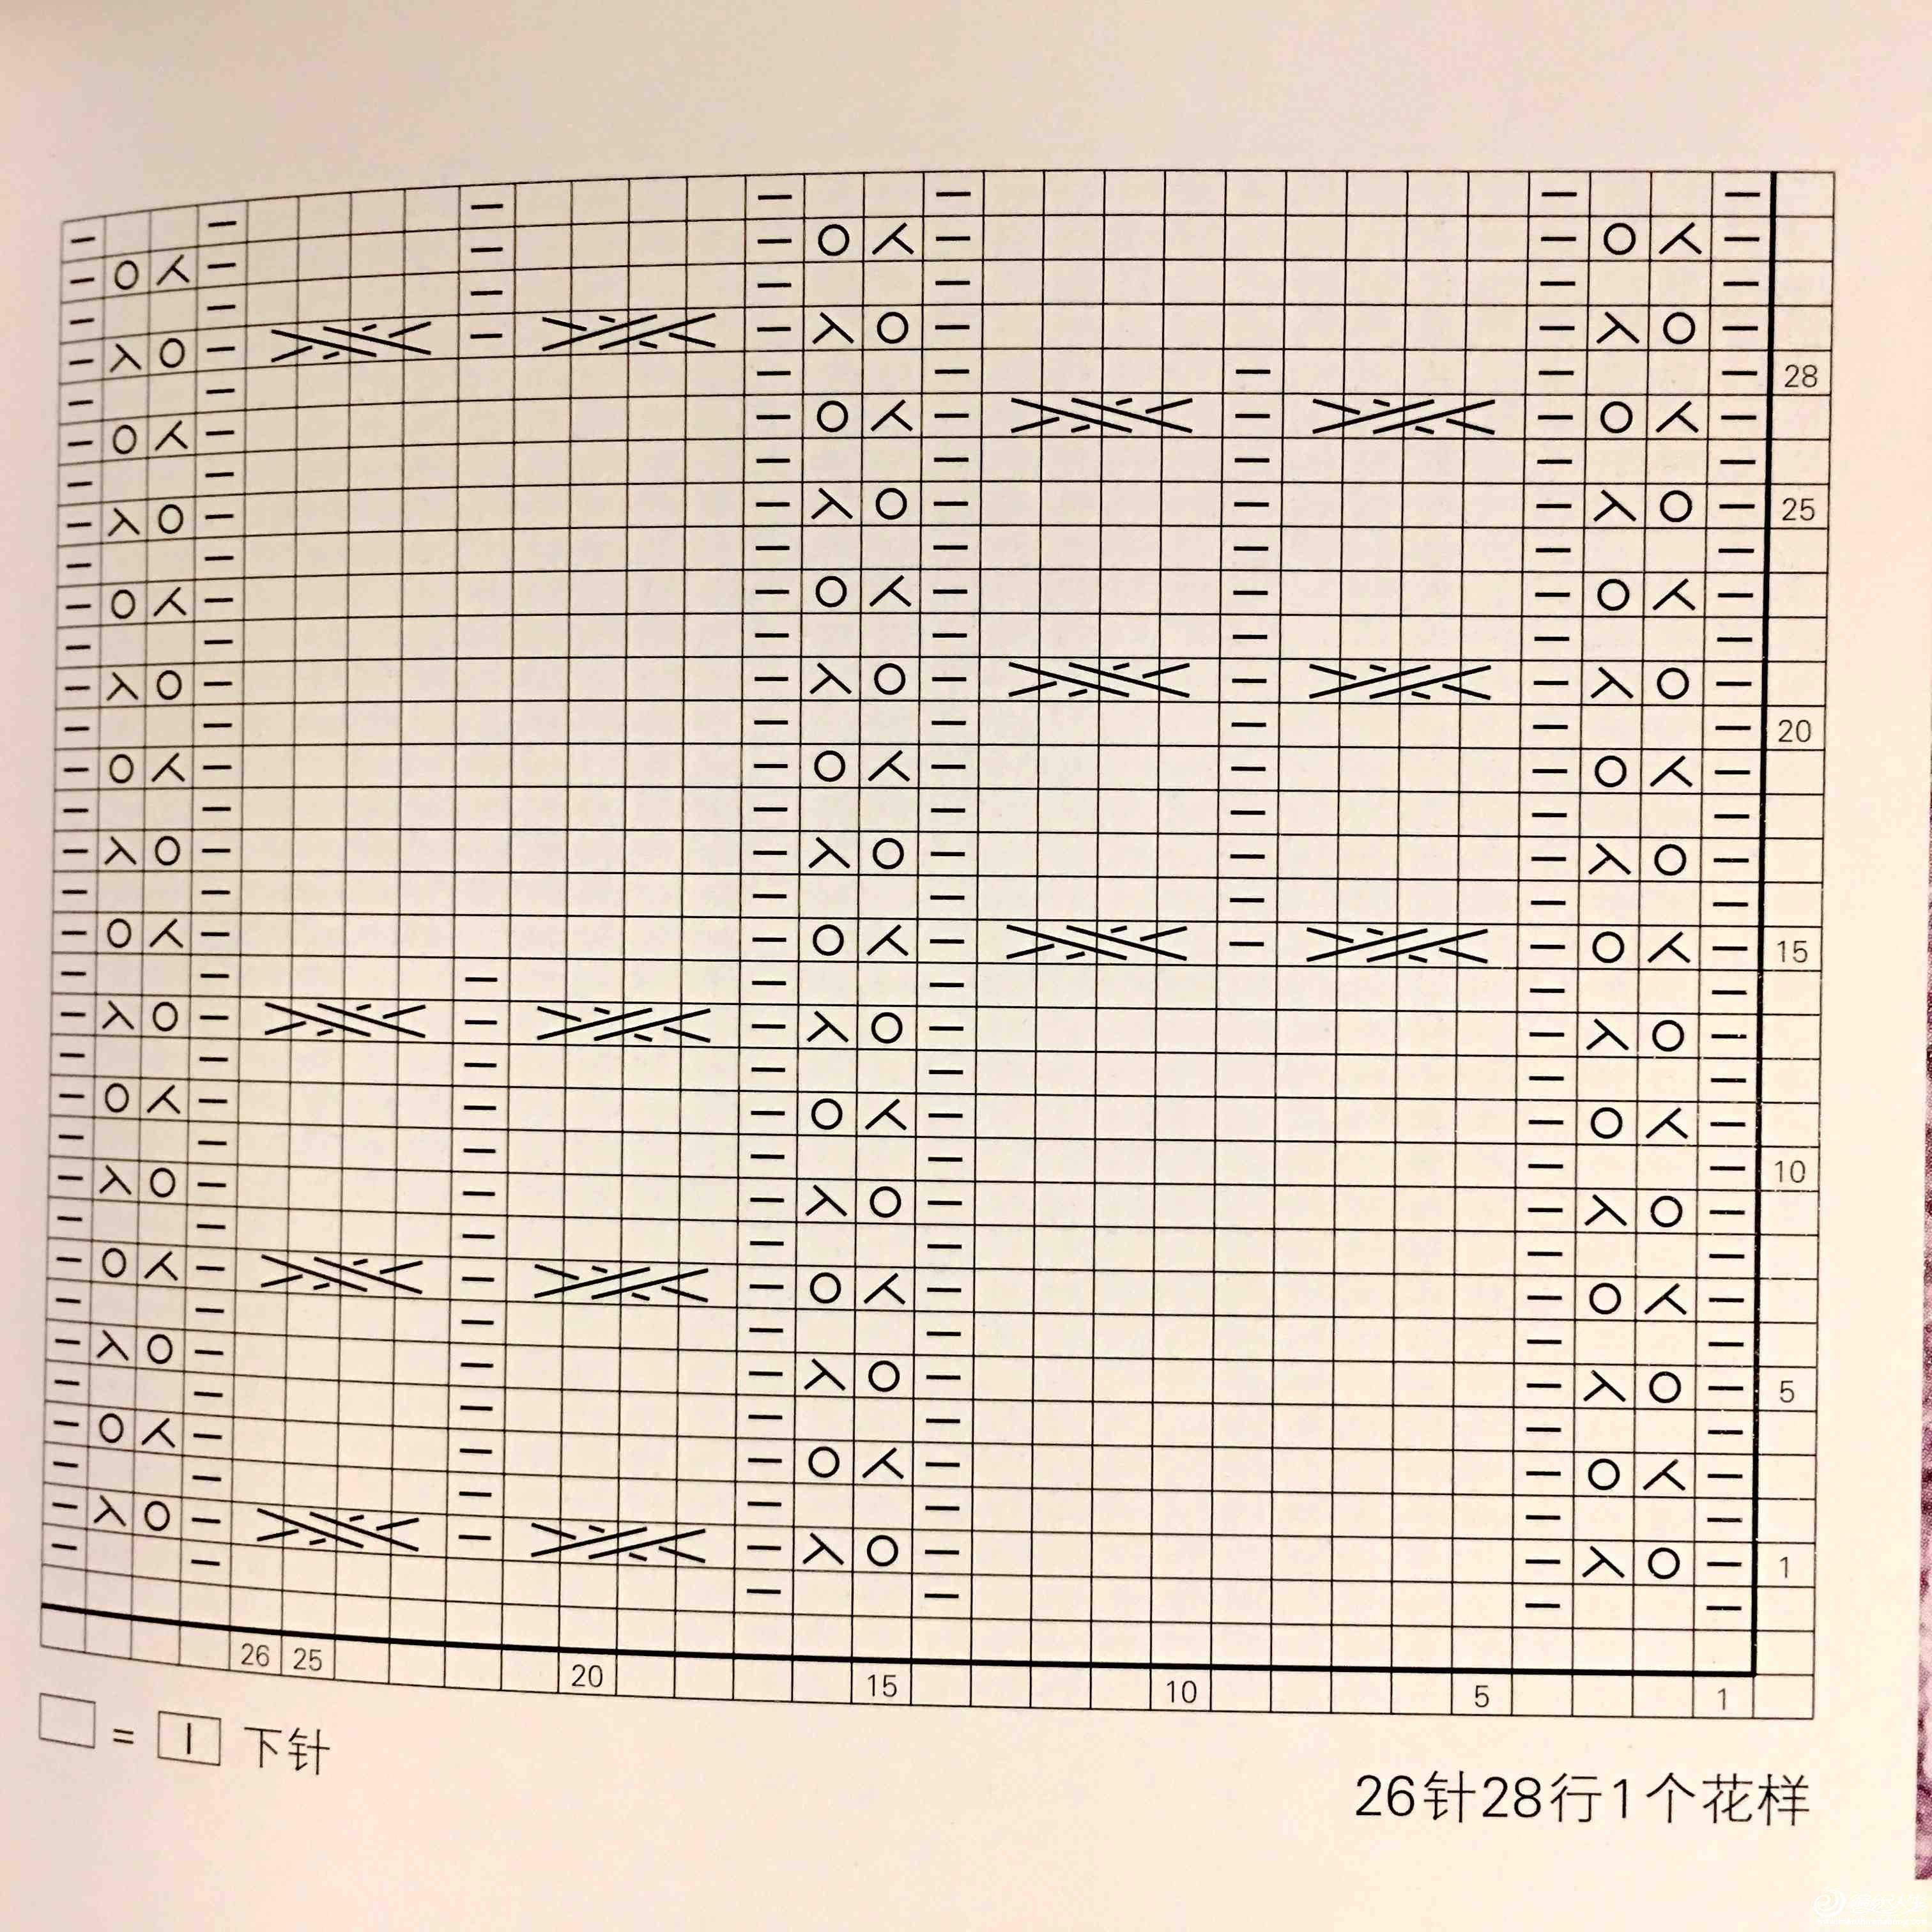 【引用】阡陌纵横 - 壹一 - 壹一编织博客